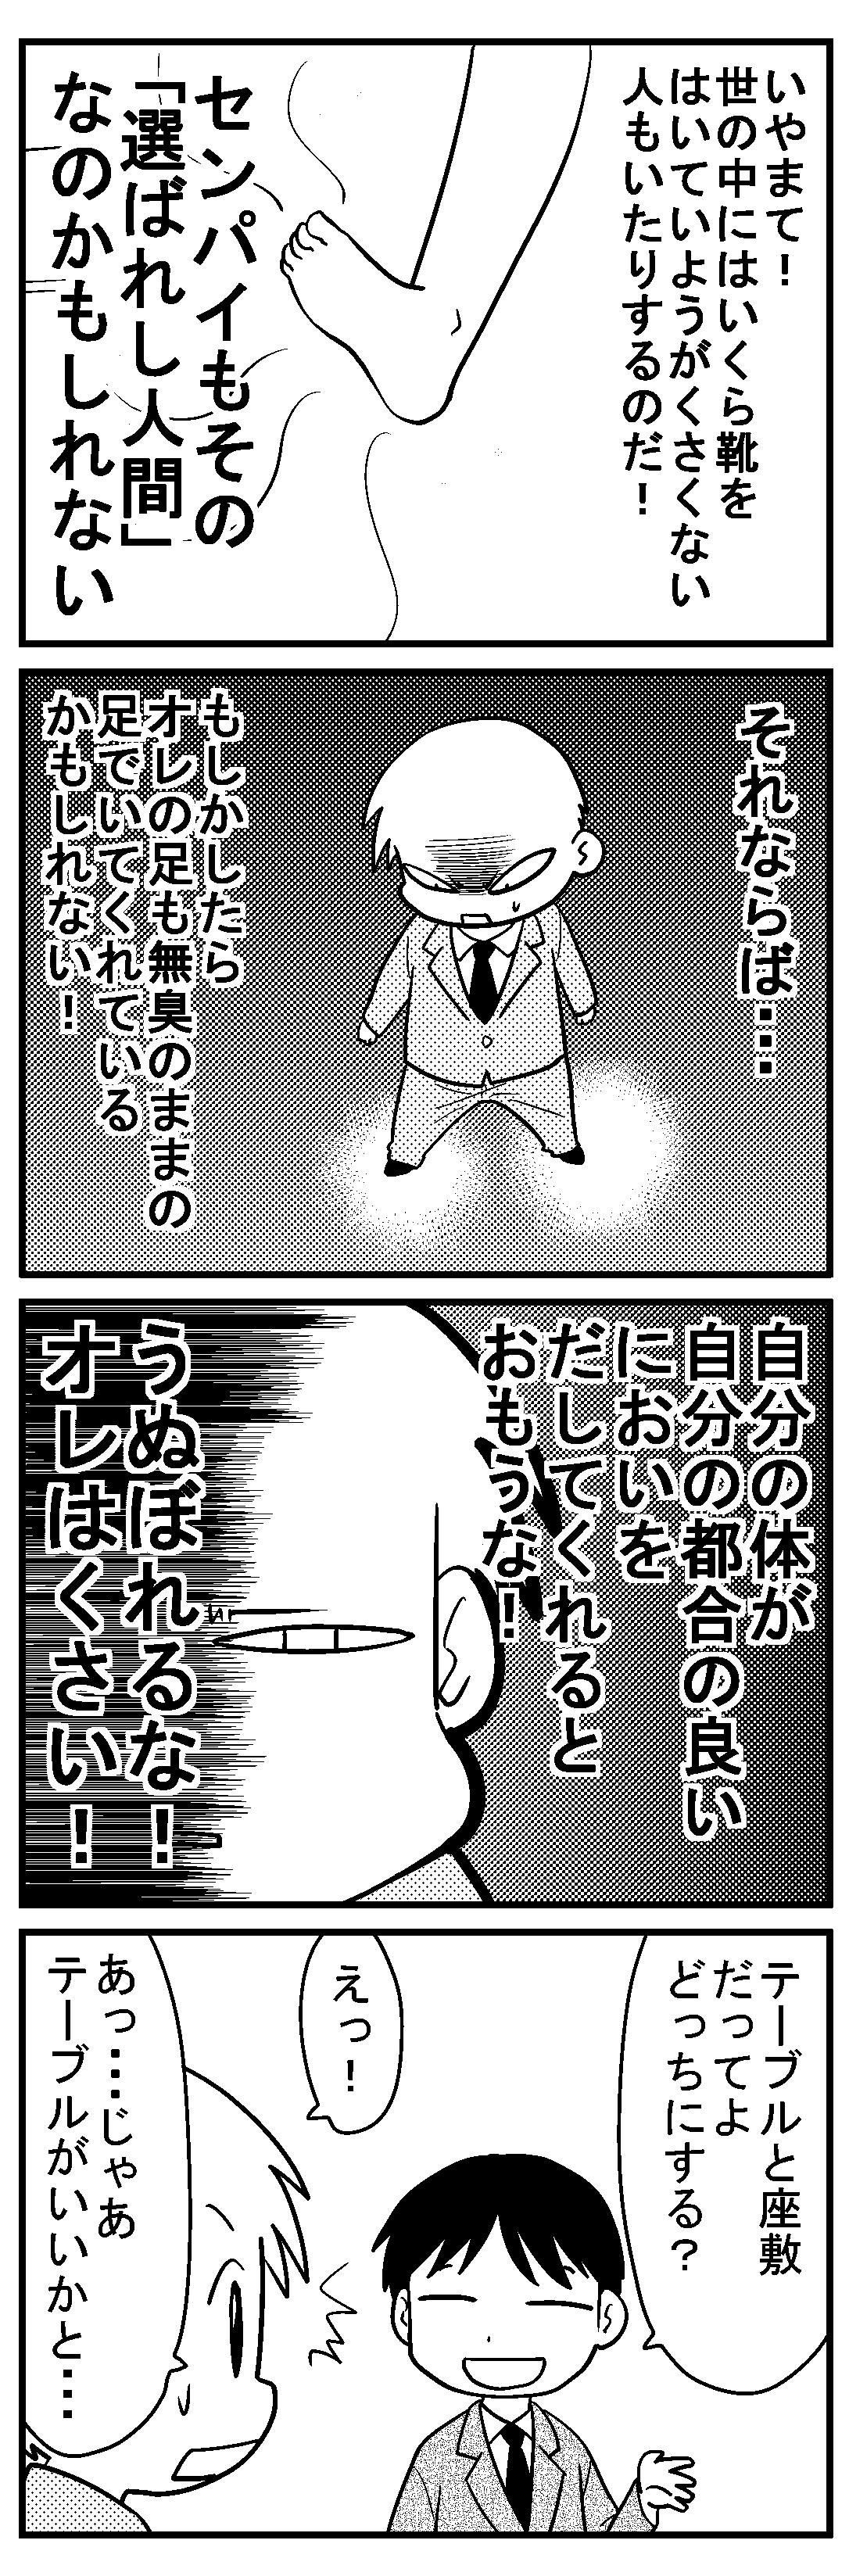 深読みくん29 3